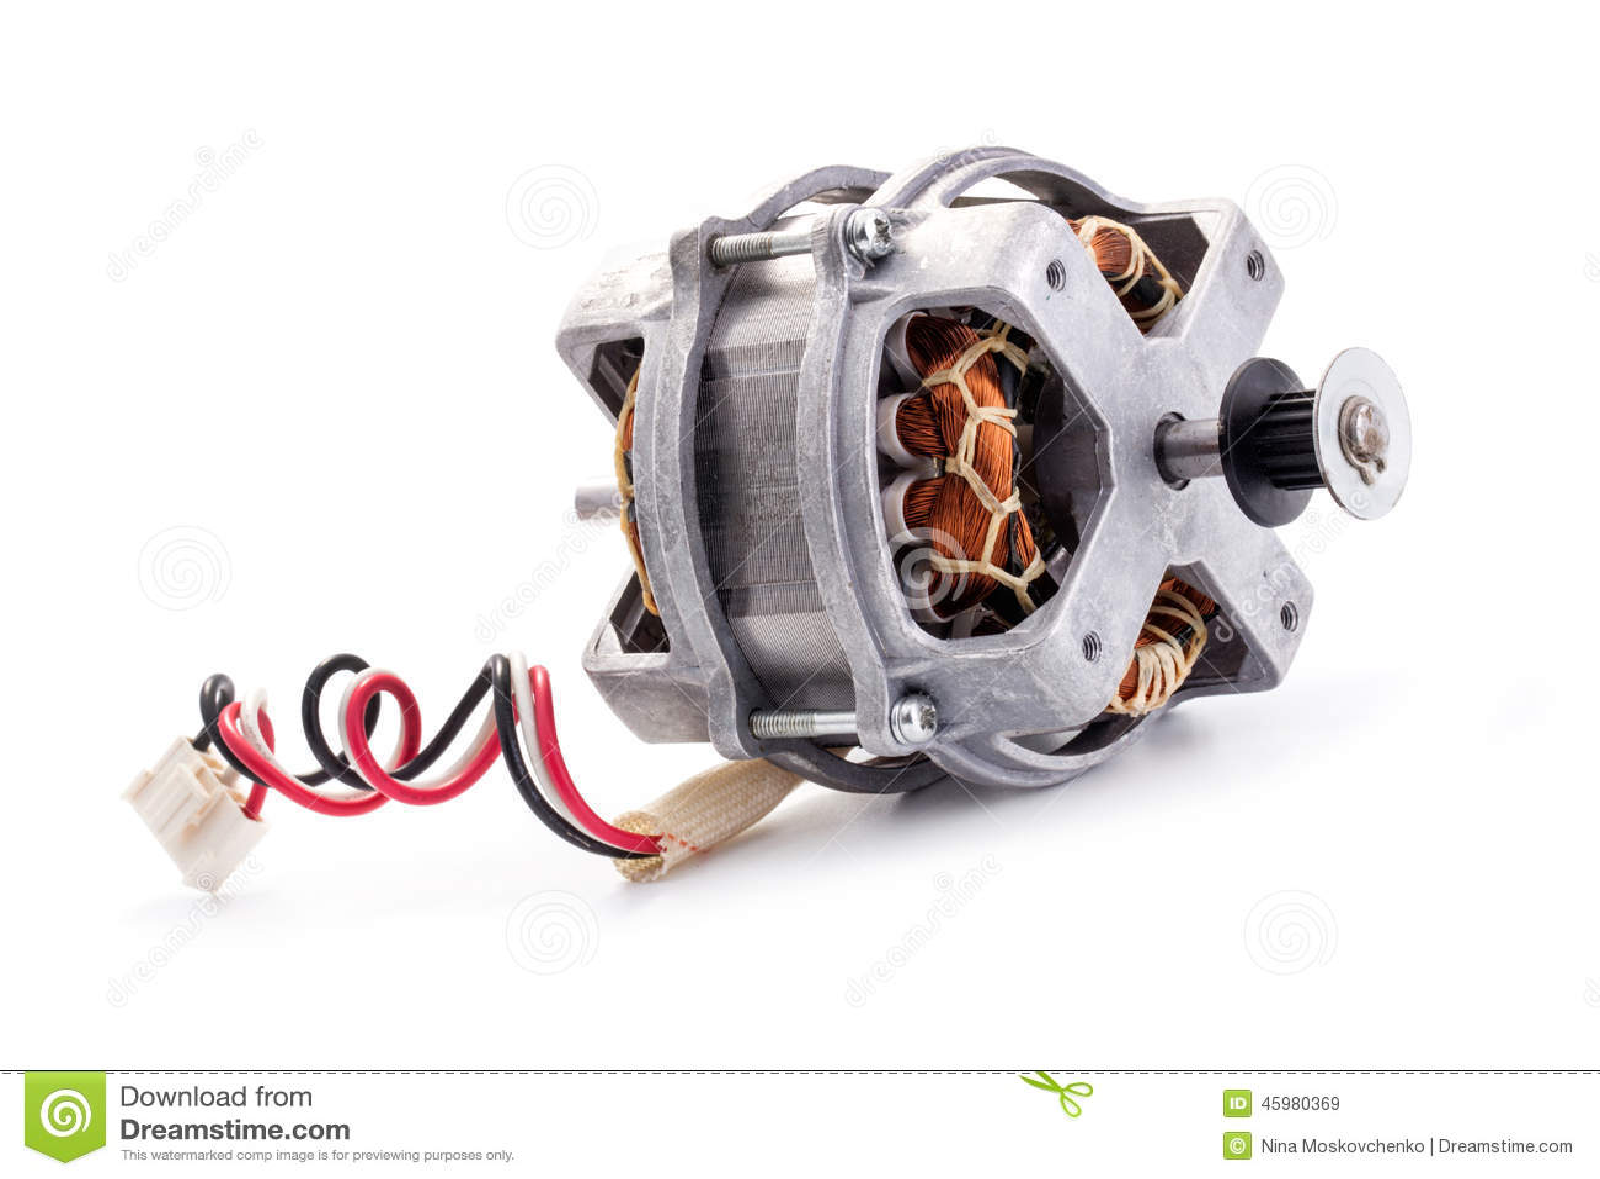 rolladen ausbauen roma rolladen welle ausbauen der hof elektrische markise motor wechseln. Black Bedroom Furniture Sets. Home Design Ideas